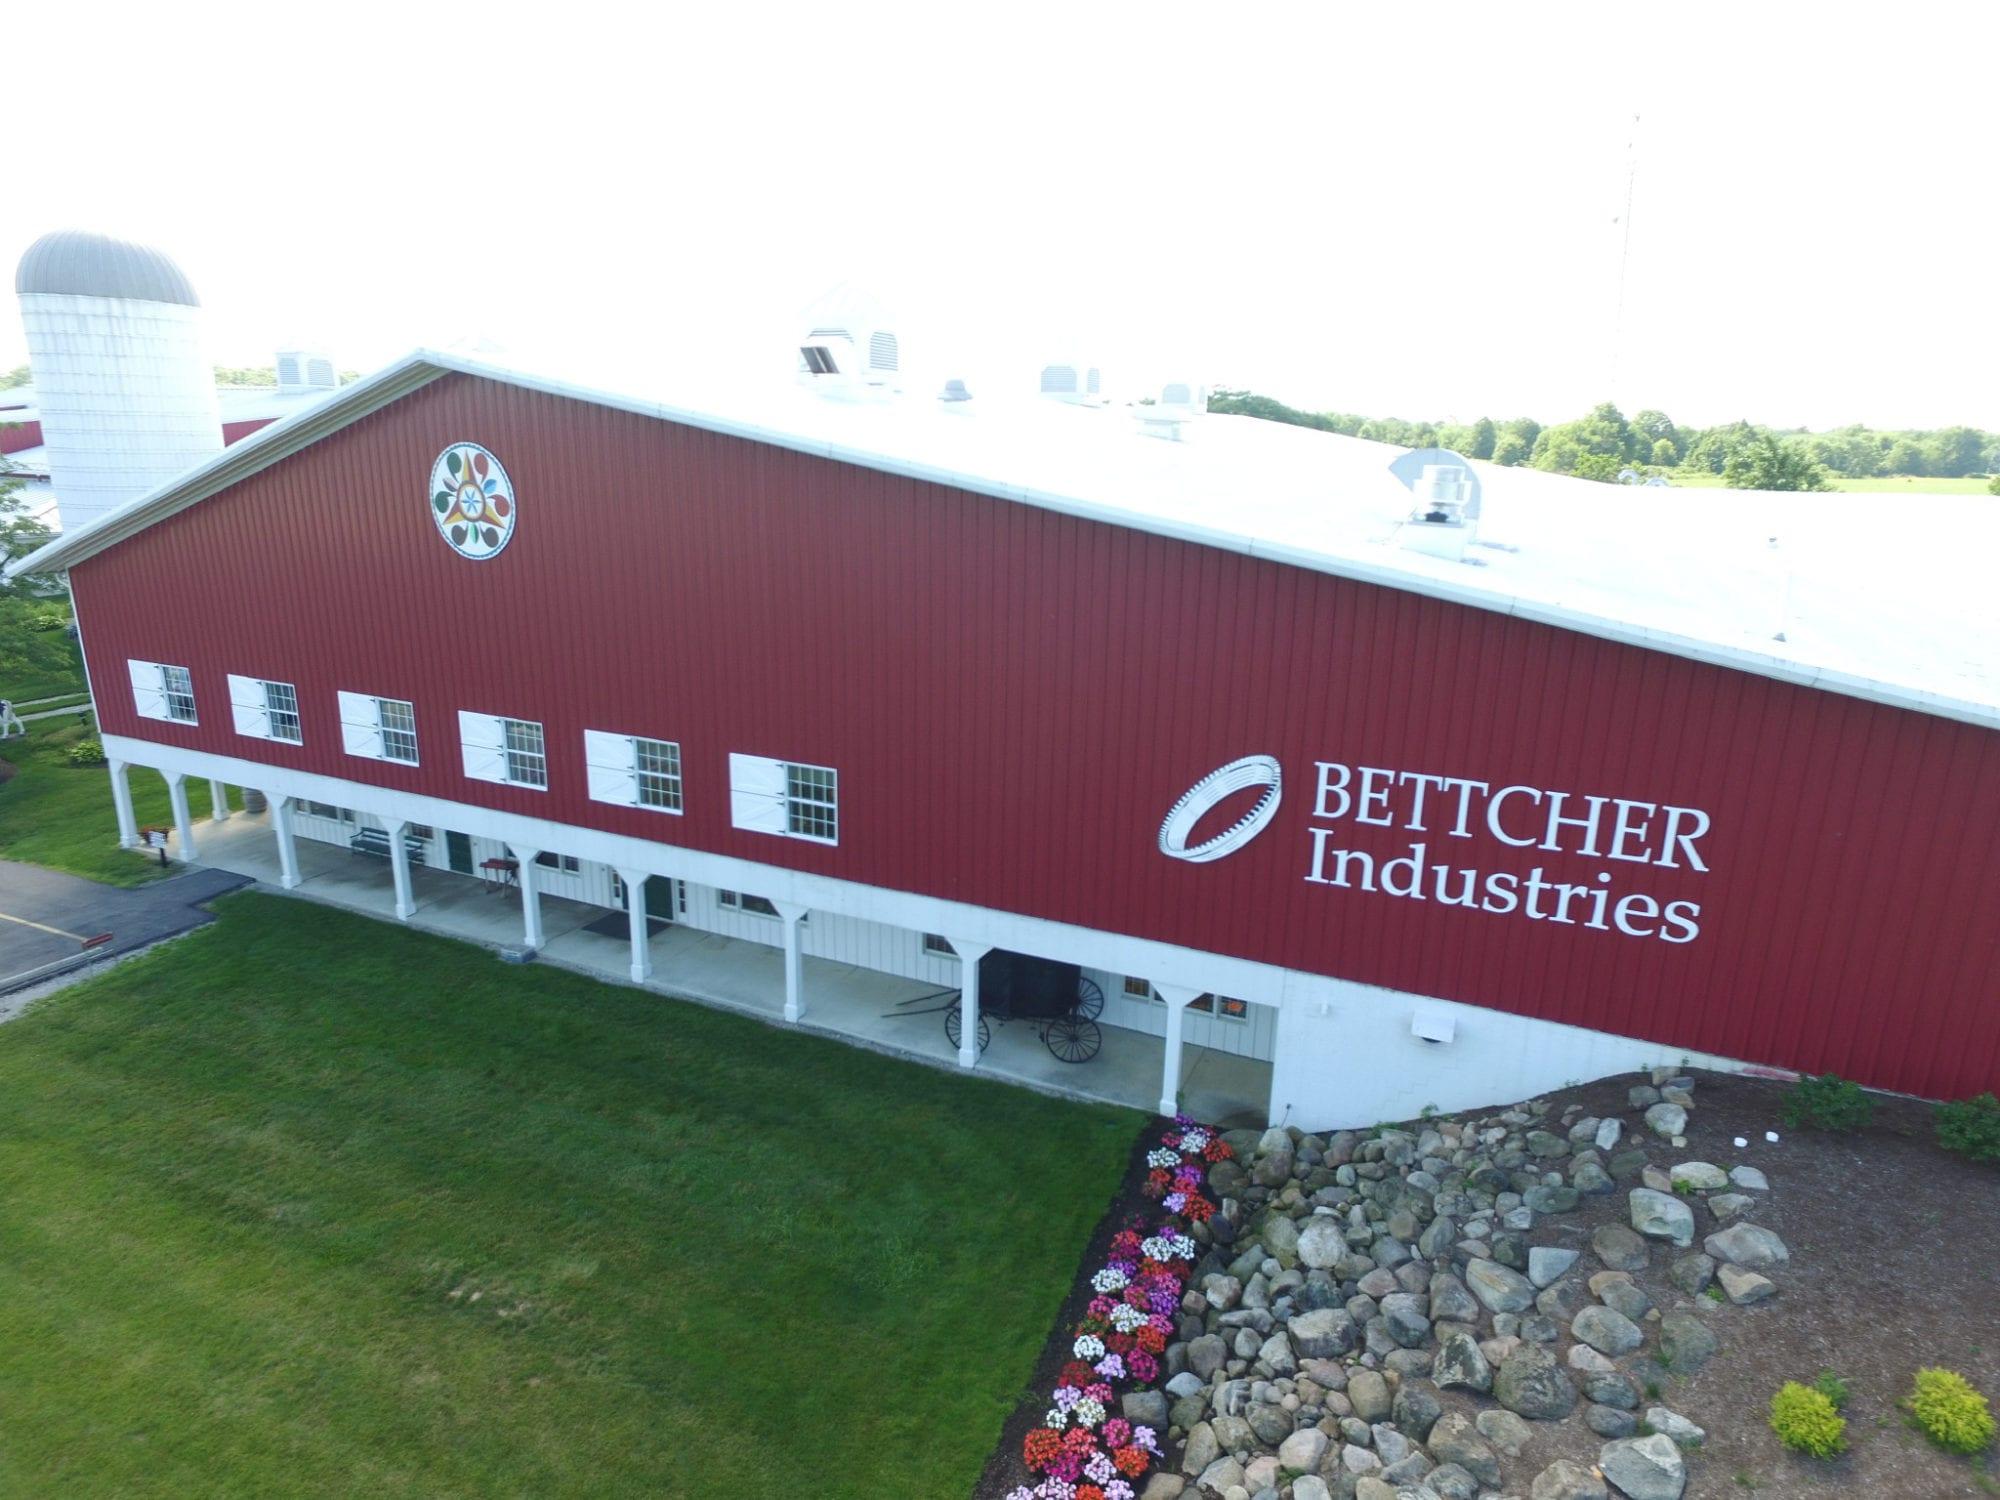 BettcherIndustries